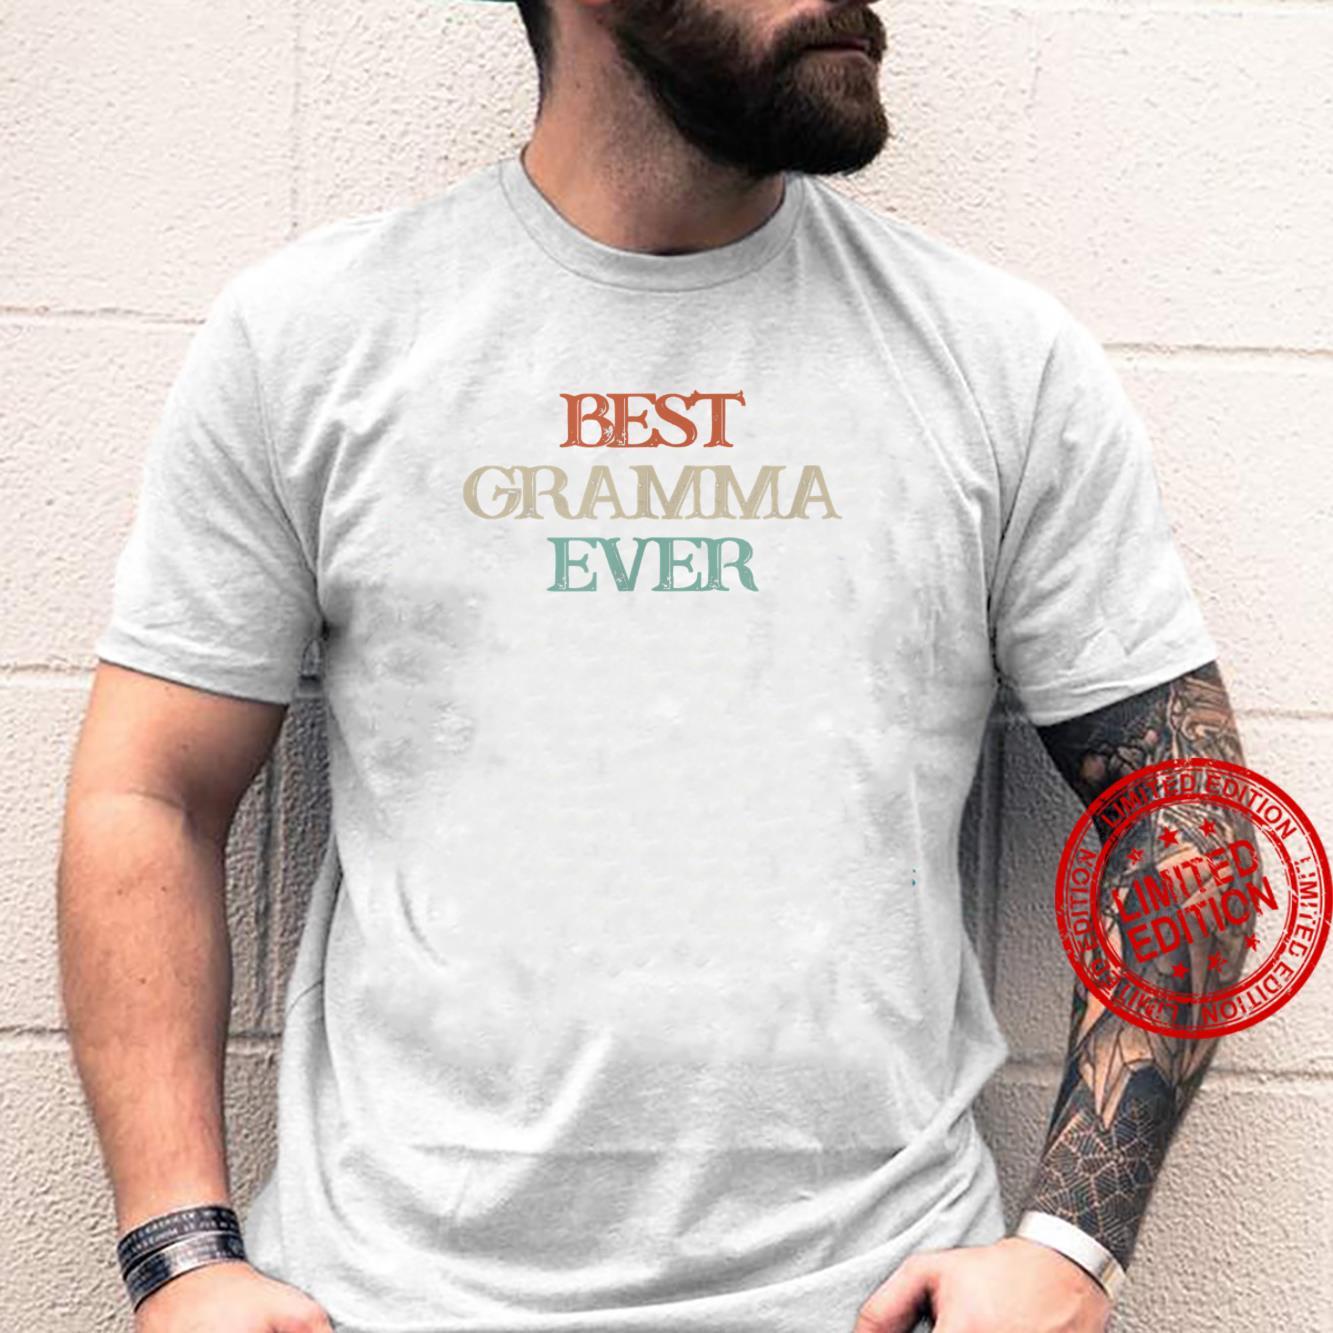 Vintage Best Gramma Ever Shirt